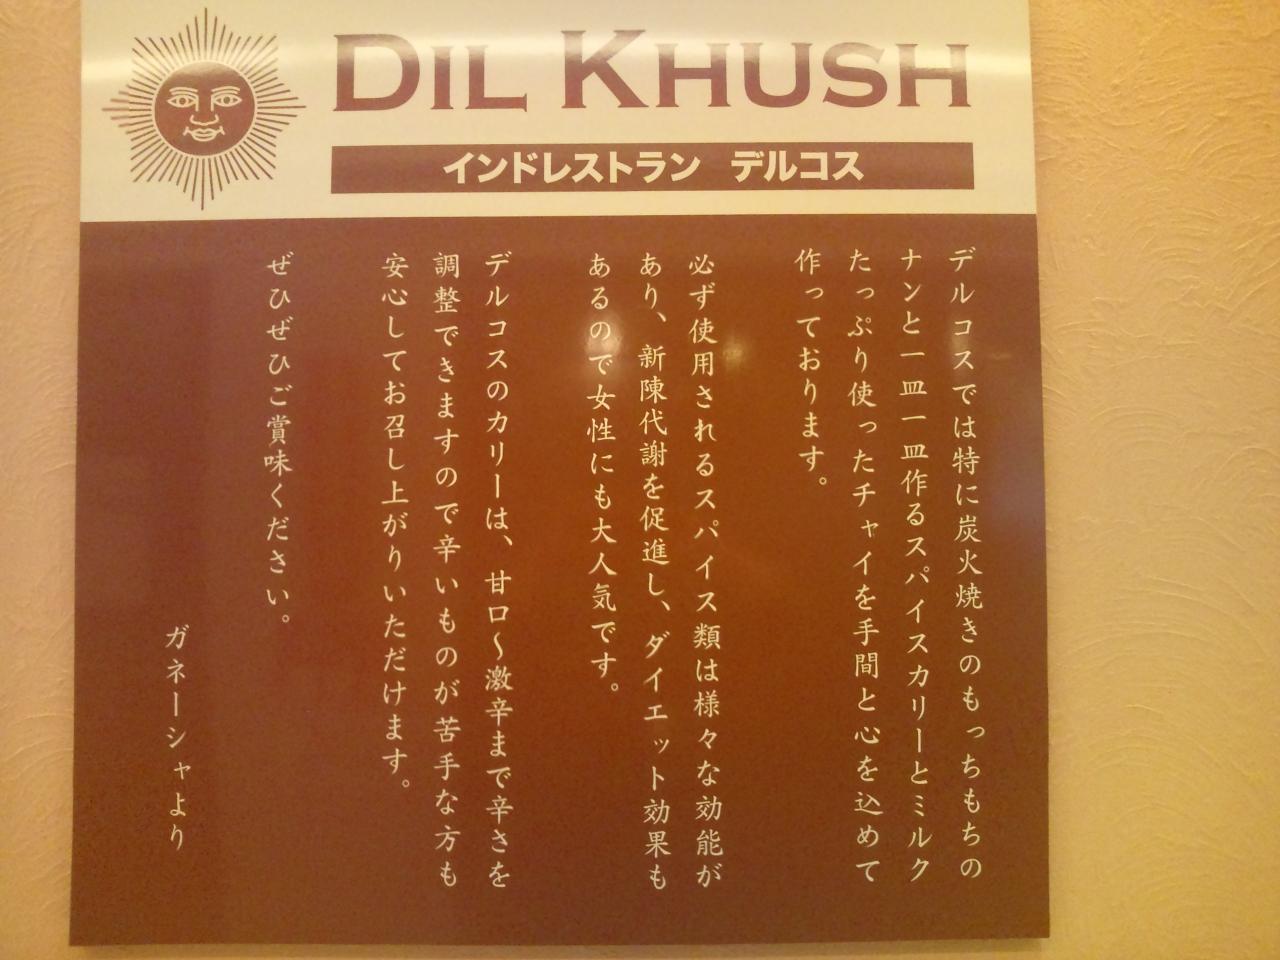 デルコス(店内)